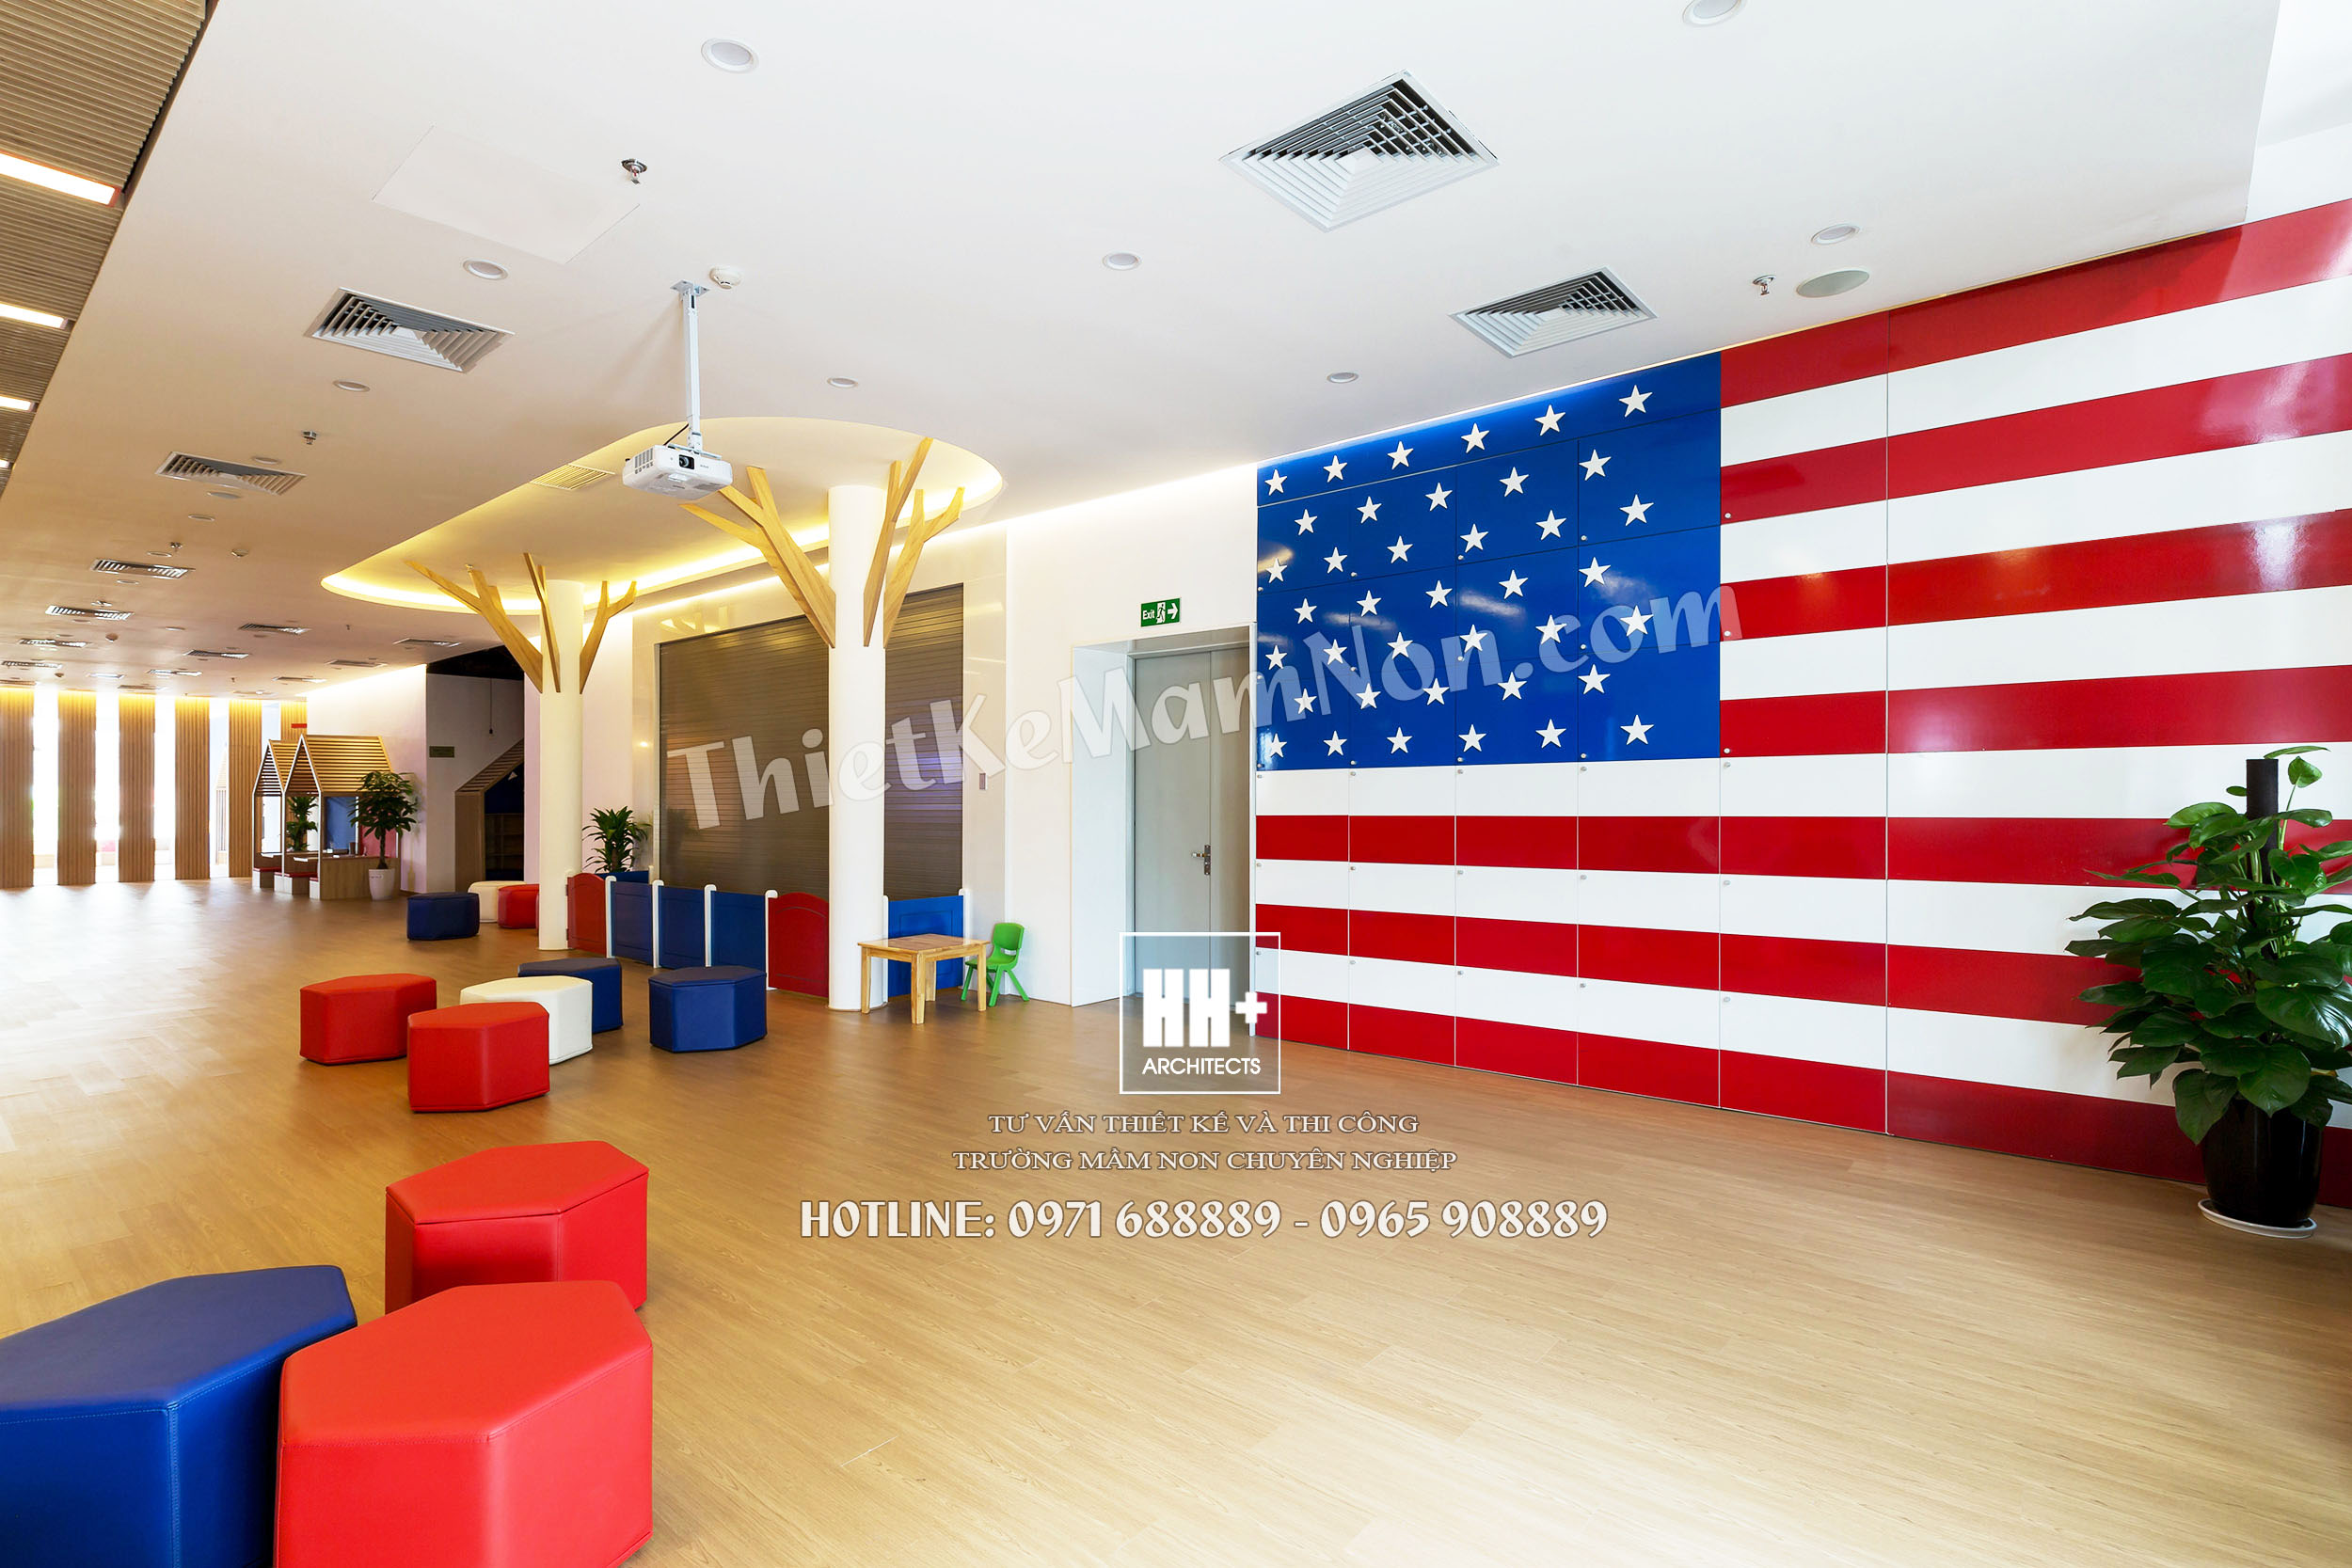 Thiết kế trường mầm non quốc tế Mỹ ROSEMONT thiết kế trường mầm non Thiết kế trường mầm non Quốc Tế MỸ ROSEMONT Rosemont sinhhoatchung 06